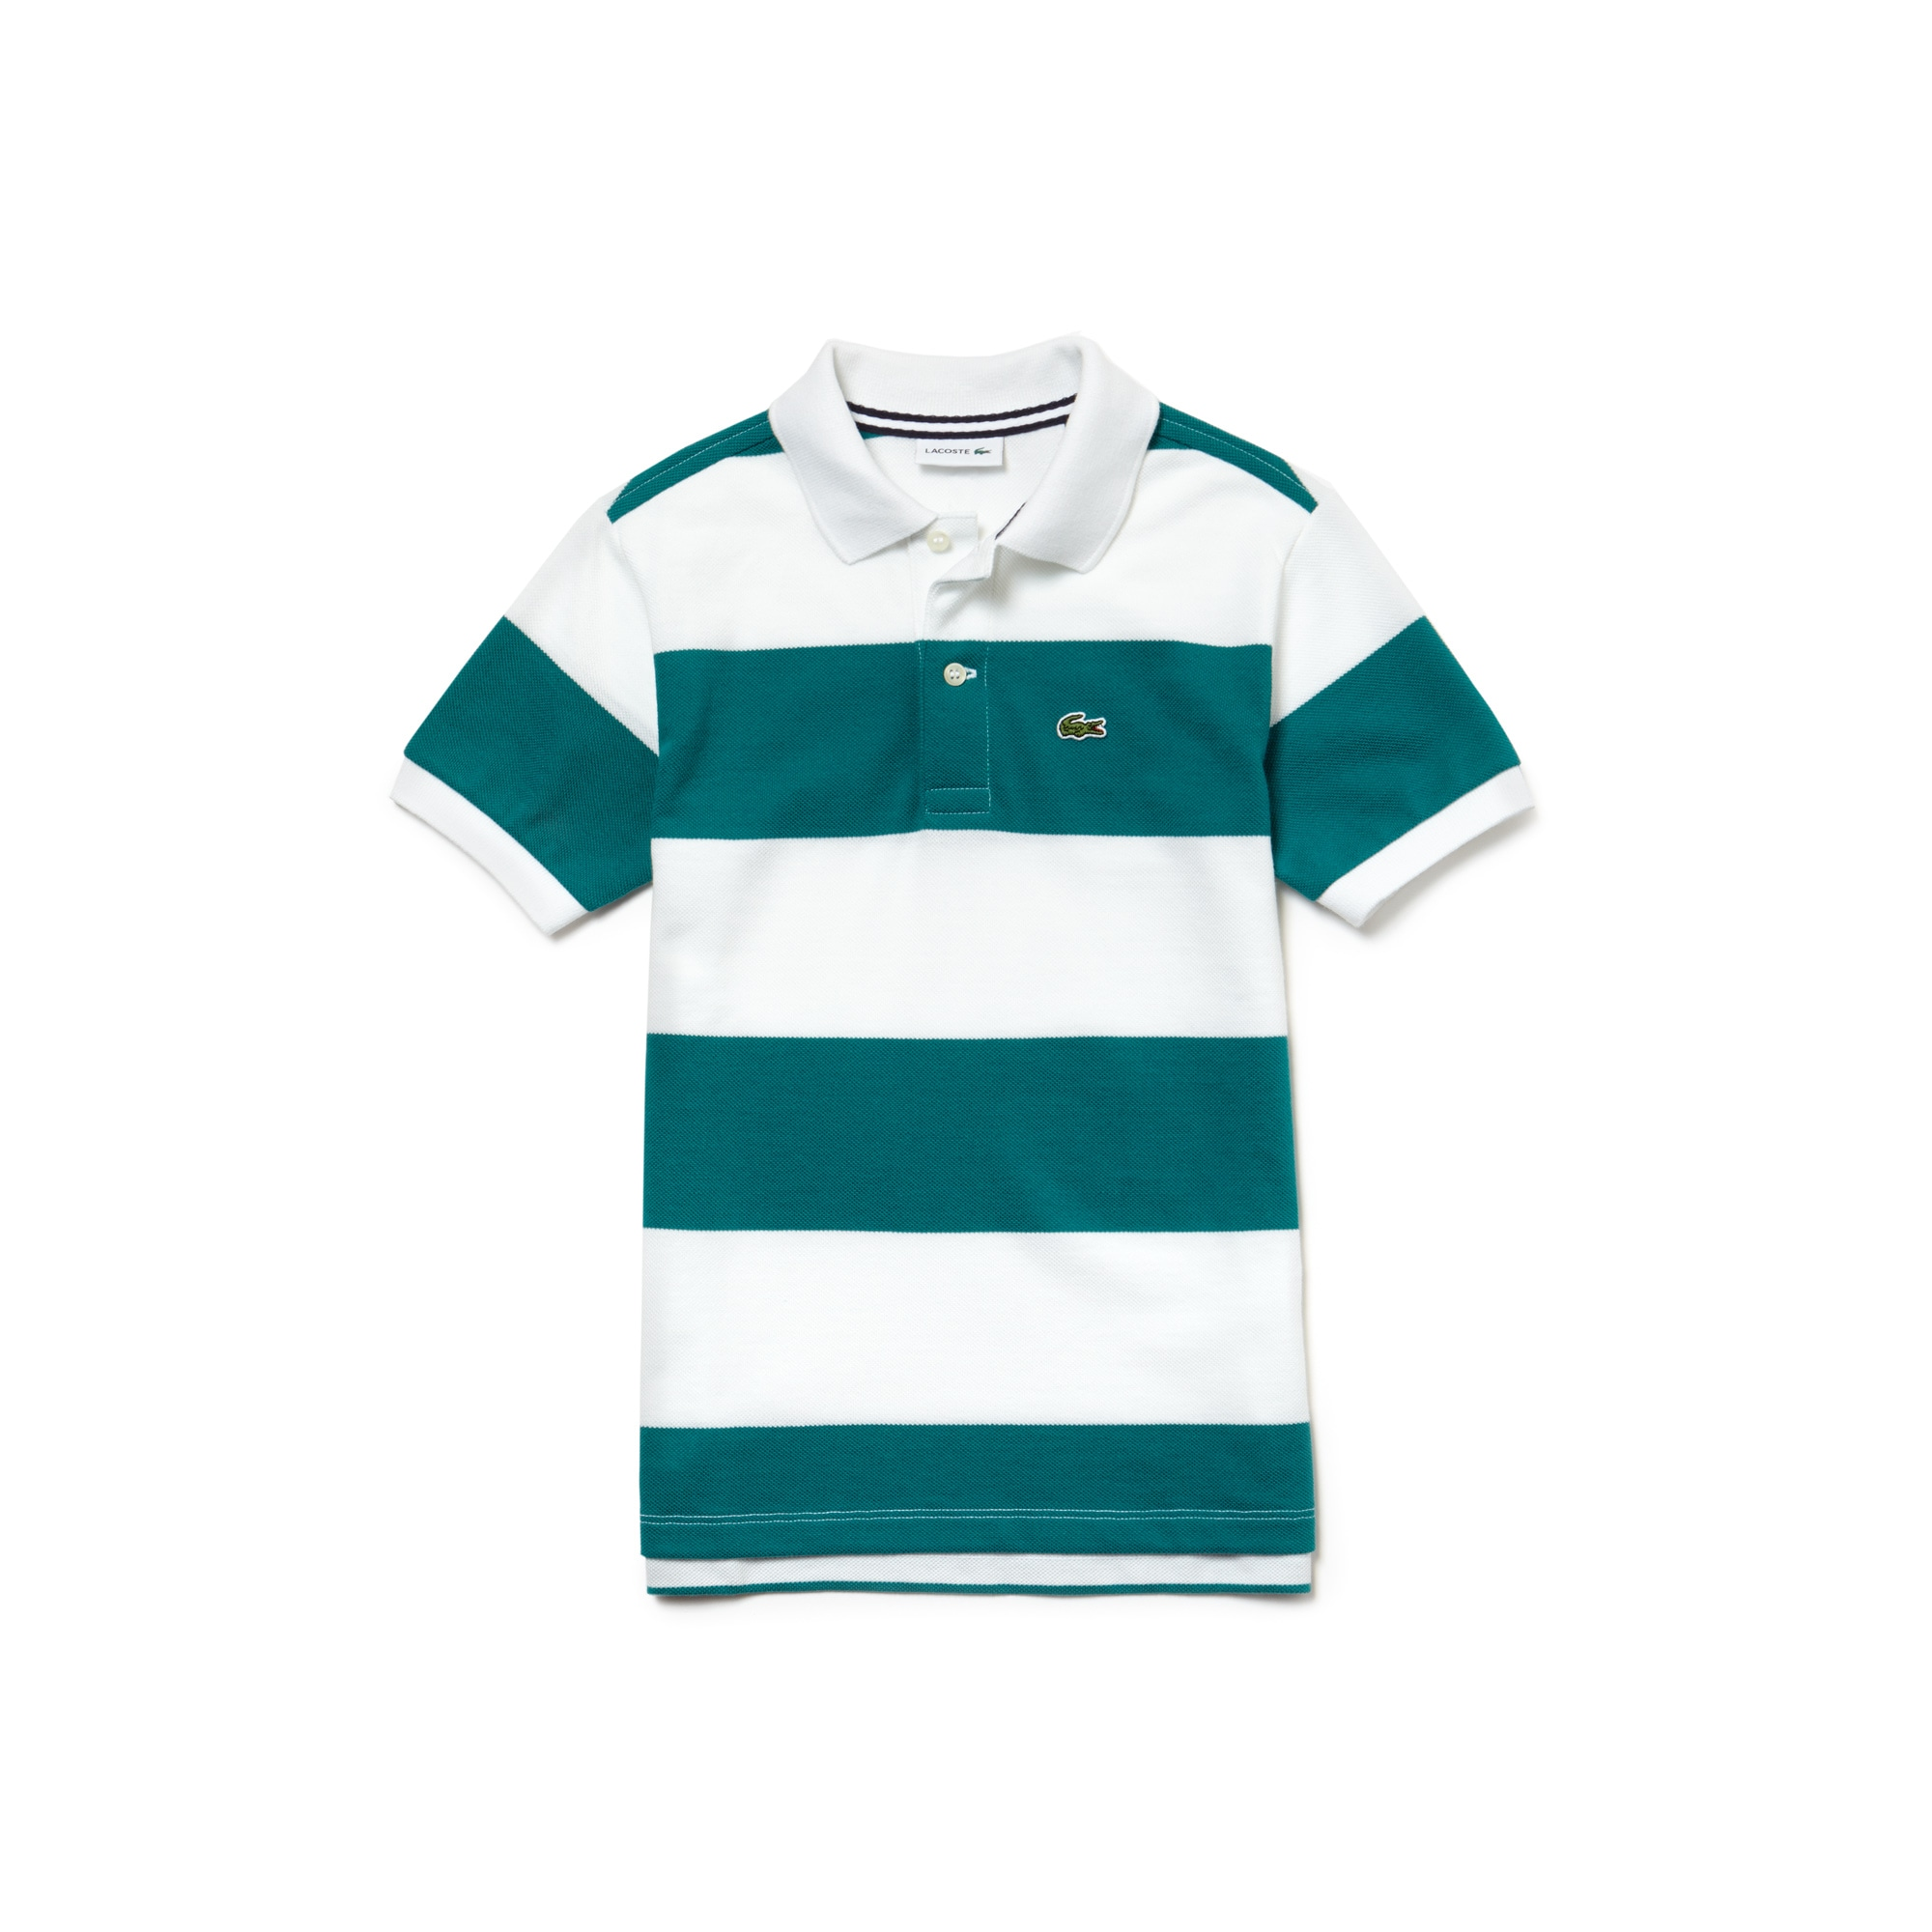 قميص بولو قطن بيتي بيكيه مُقلّم للأولاد من لاكوست.